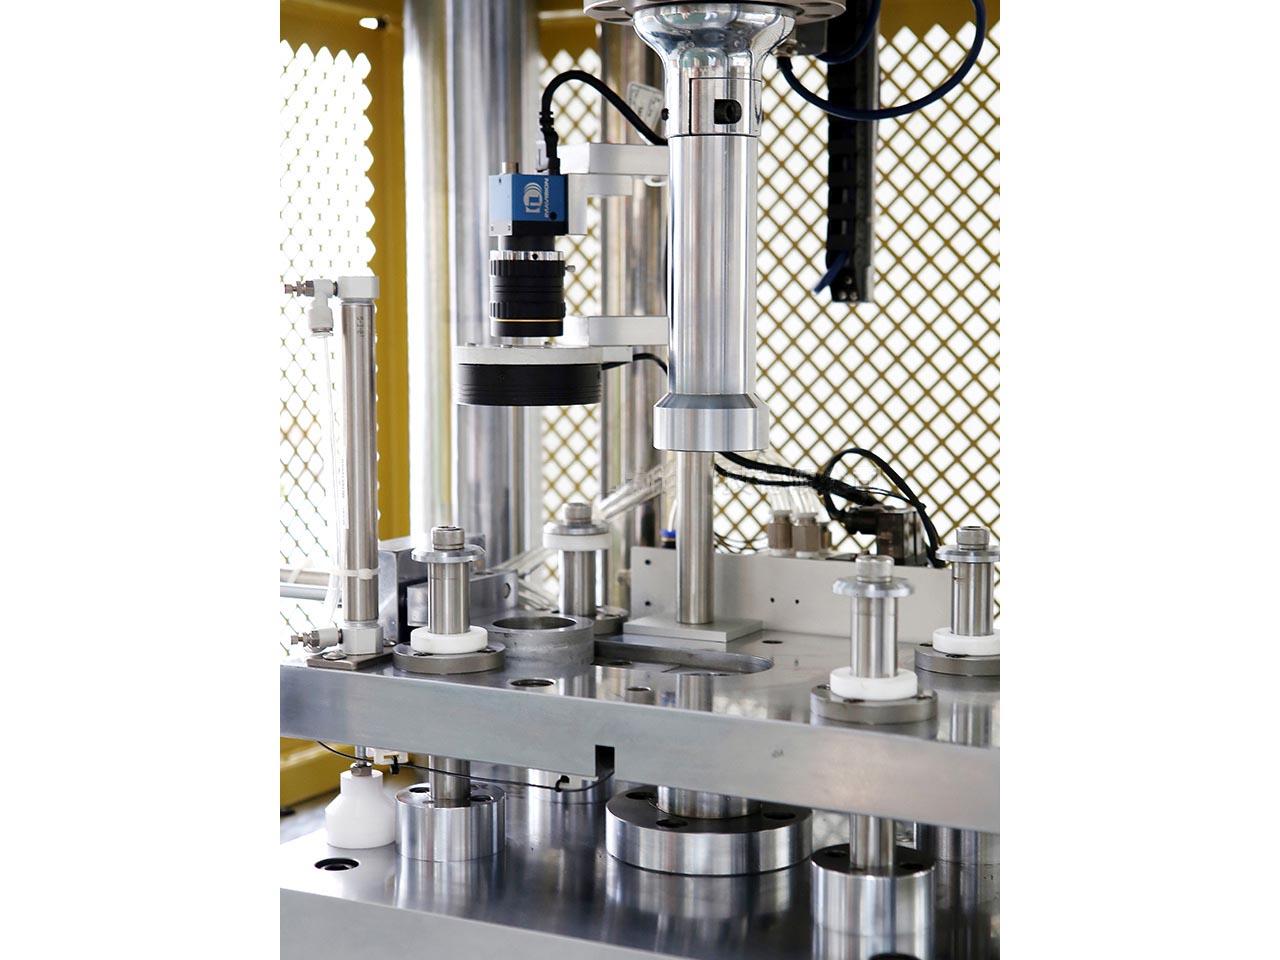 专业的四柱压装机厂家推荐-四柱压装机报价